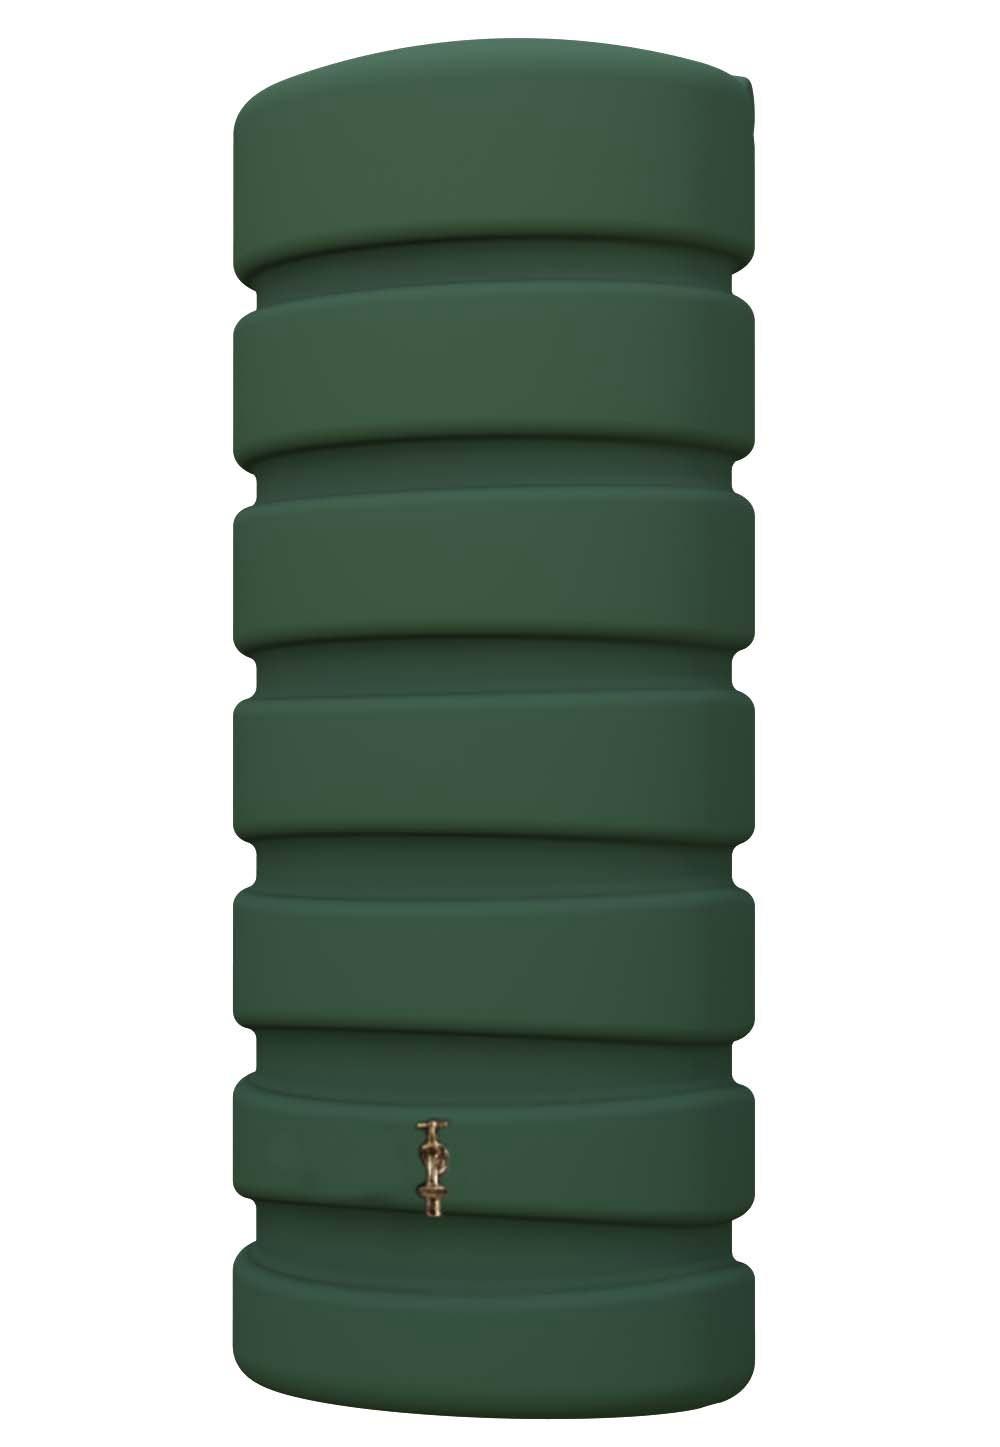 regenwasser wandtank classic 650 liter grün 4rain 295608 - bei